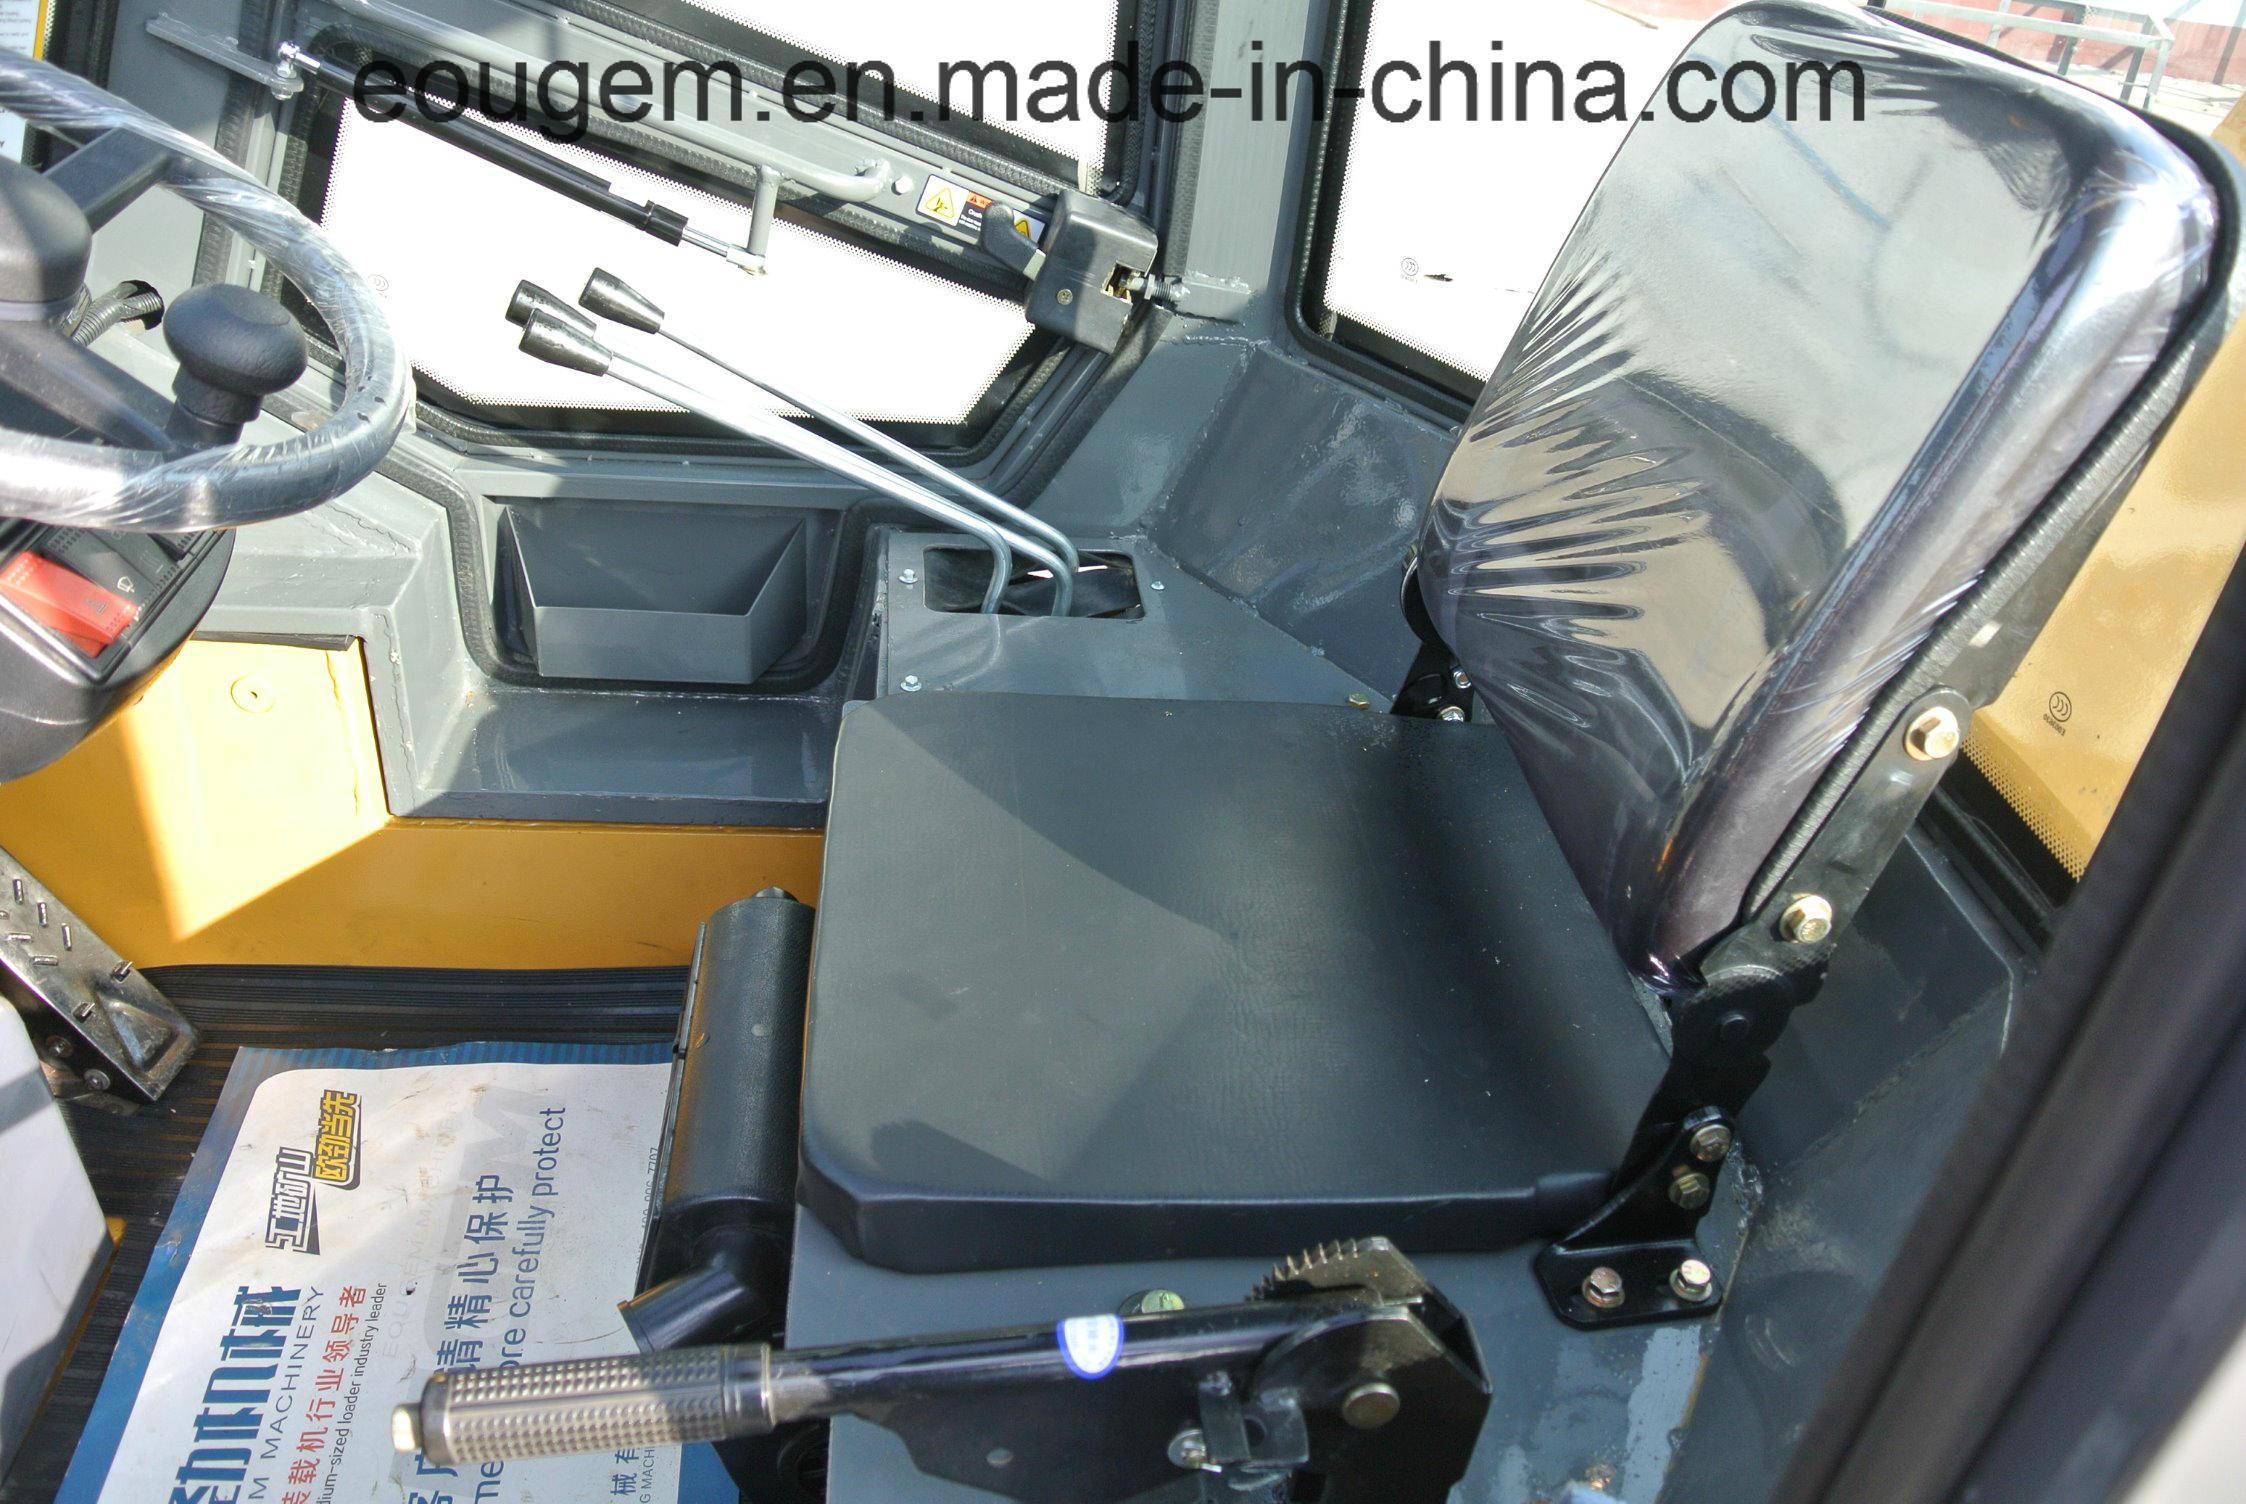 Rough Terrain Forklift 3.5 Ton Capacity Forklift